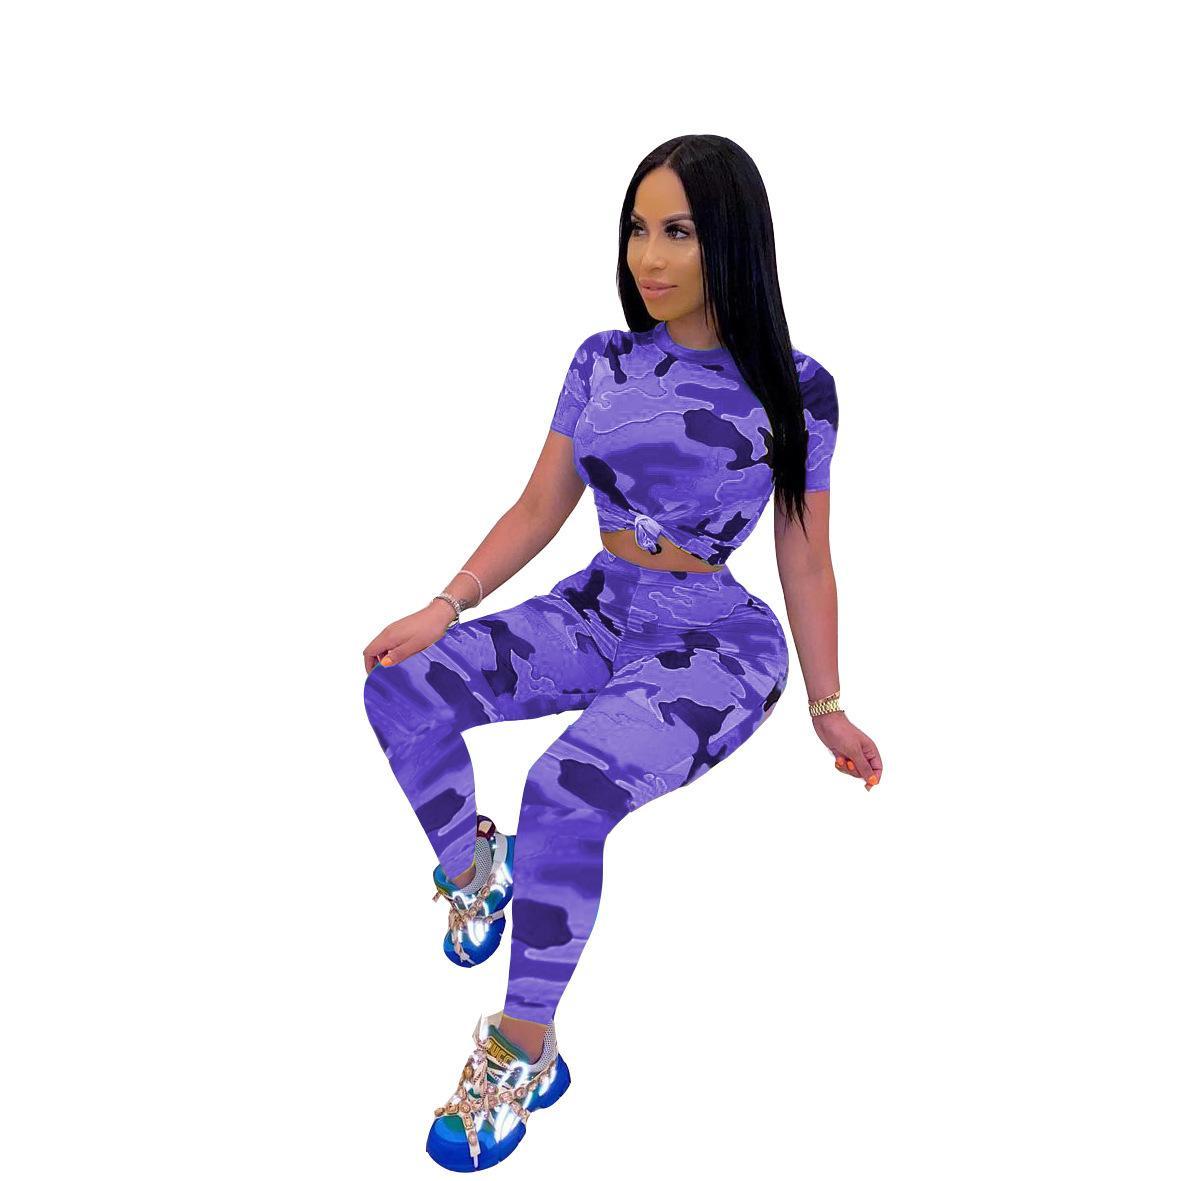 Frühling Casual Camouflage Frauen Zwei Stück Set Kurzarm Hemd Crop Top + Lange Hosen Sportwear Jogging Kleidung Für Frauen Outfit F0512